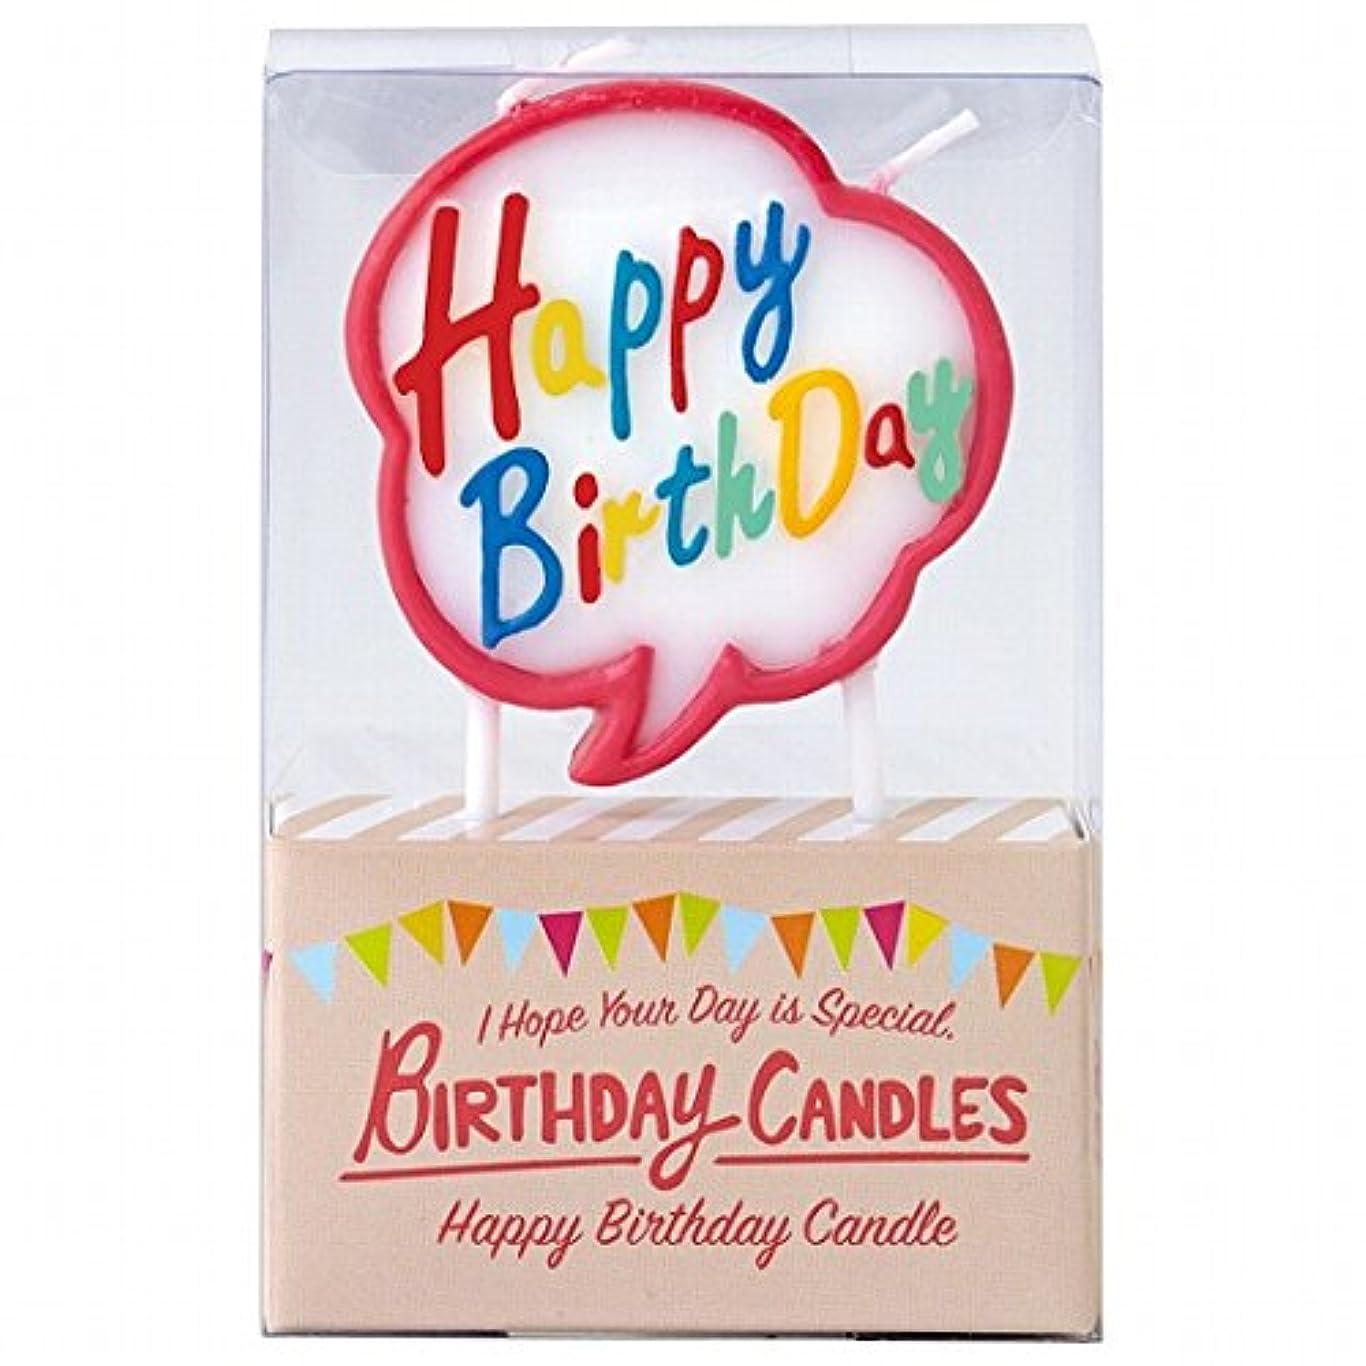 無効混乱したパールカメヤマキャンドル(kameyama candle) バースデーケーキ用キャンドル 「 フキダシ 」